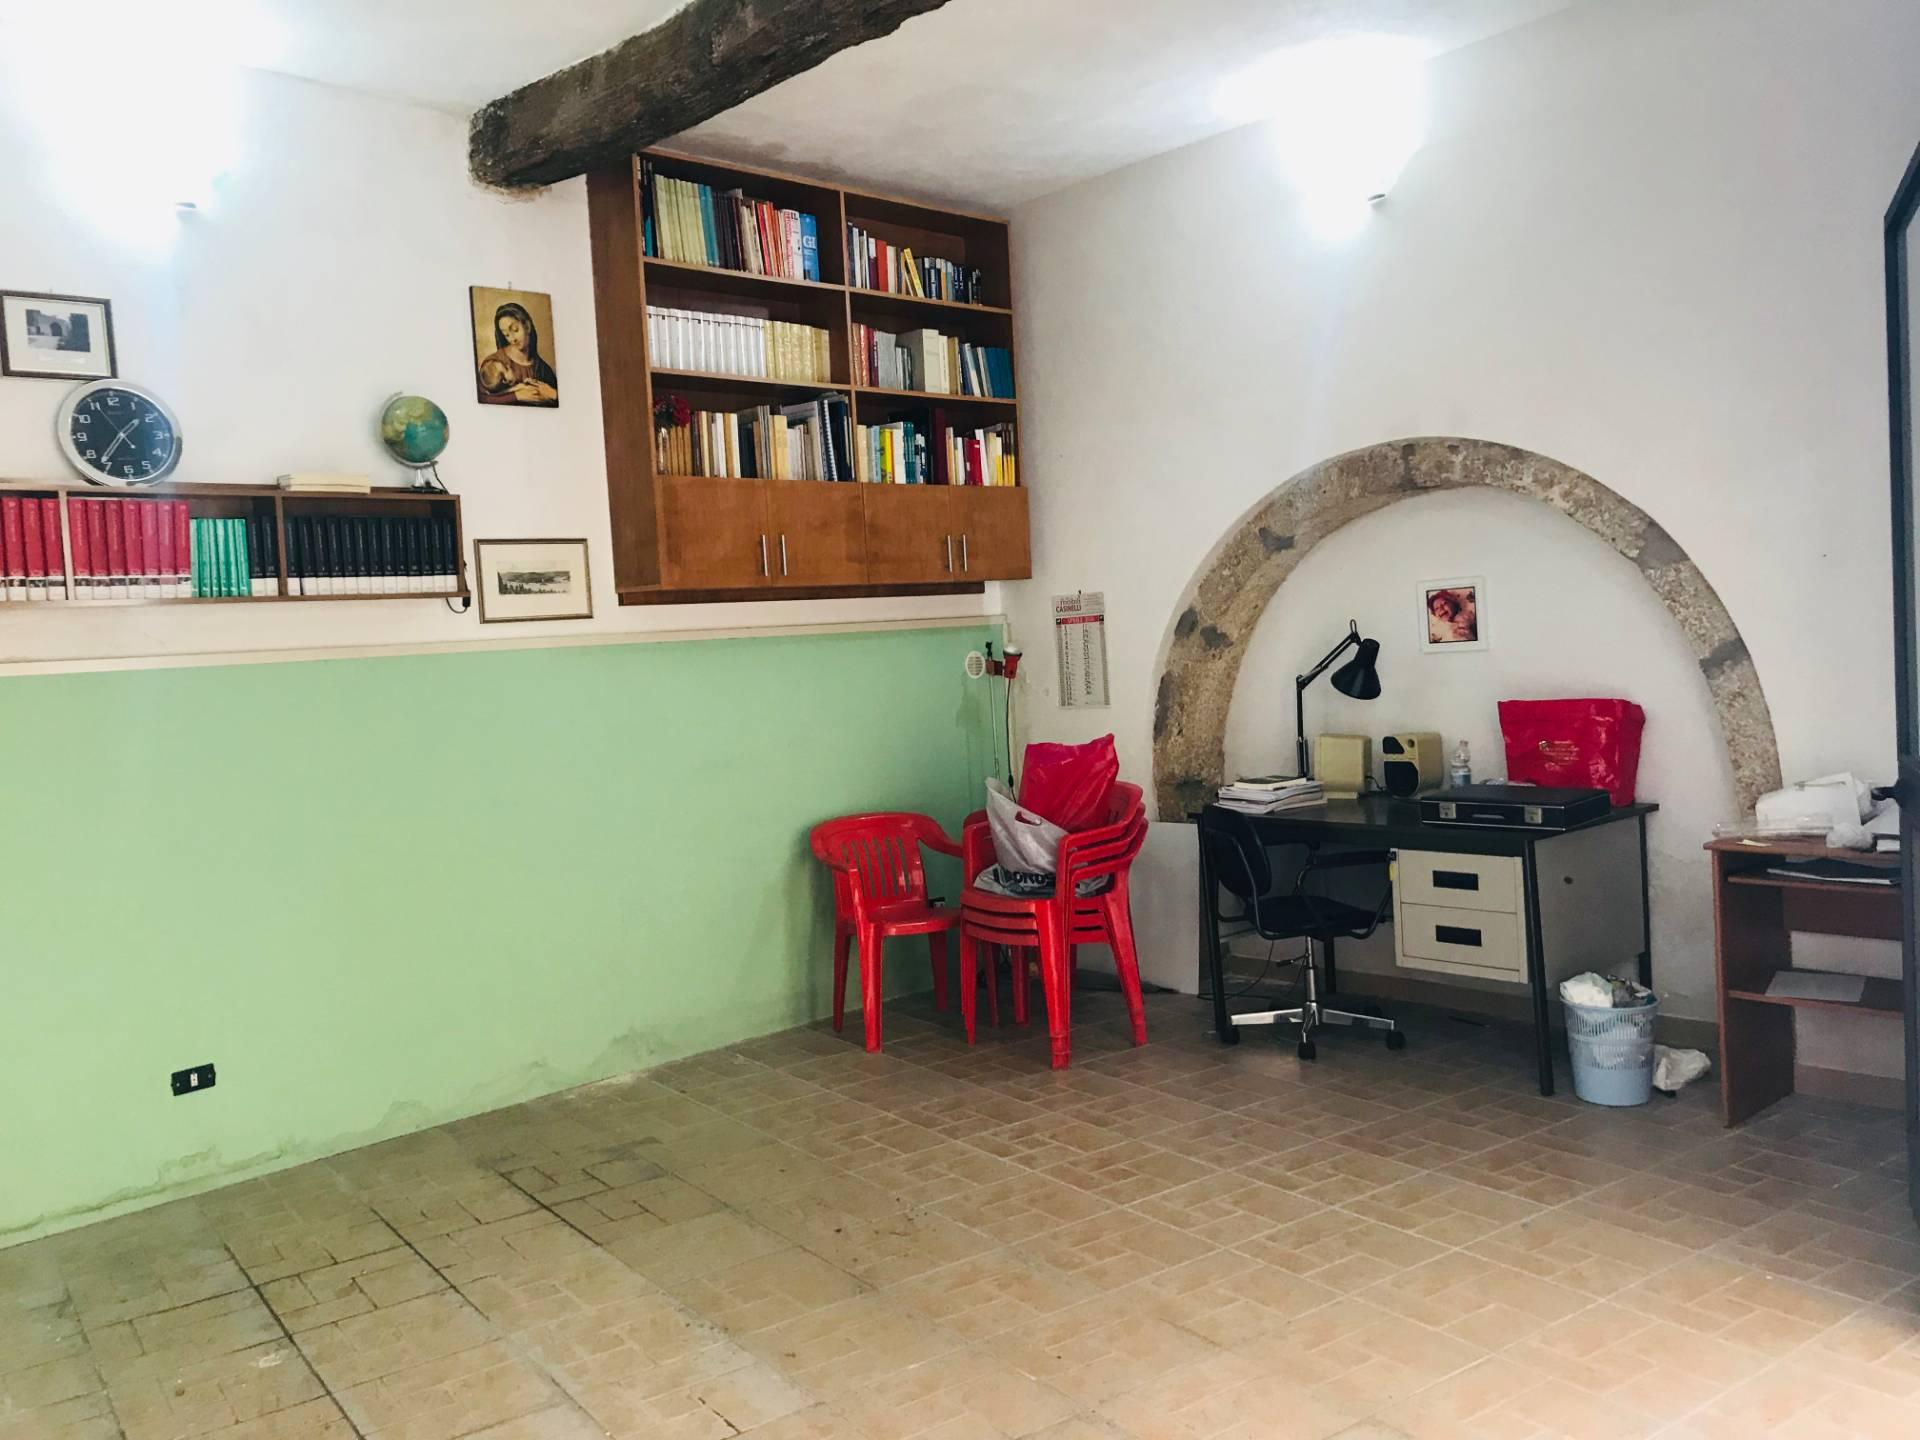 Negozio / Locale in vendita a Arpino, 9999 locali, prezzo € 45.000 | CambioCasa.it